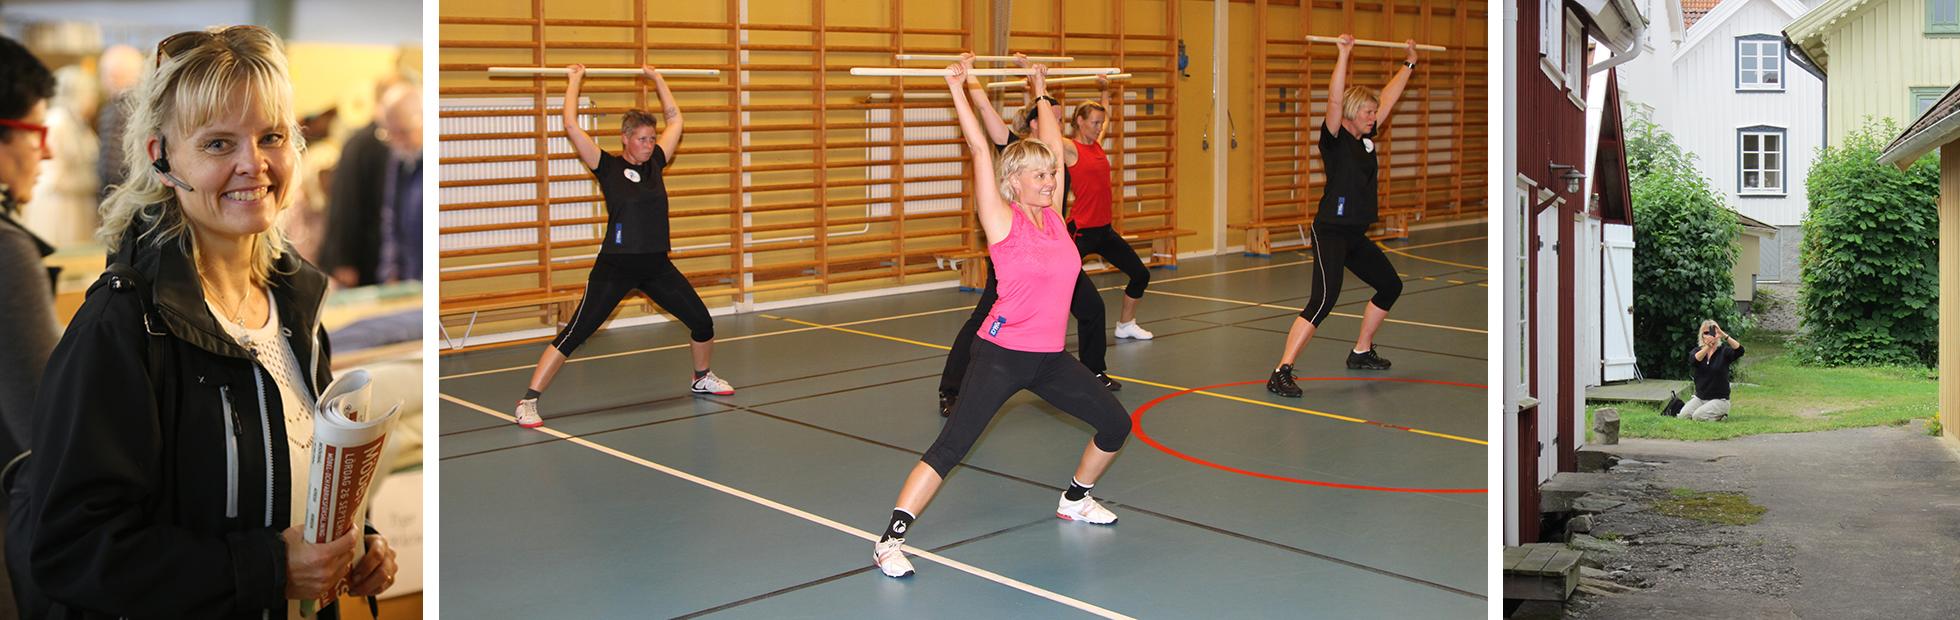 Christina Froh - träningsutbildare, gruppträningsinstruktör och yogalärare